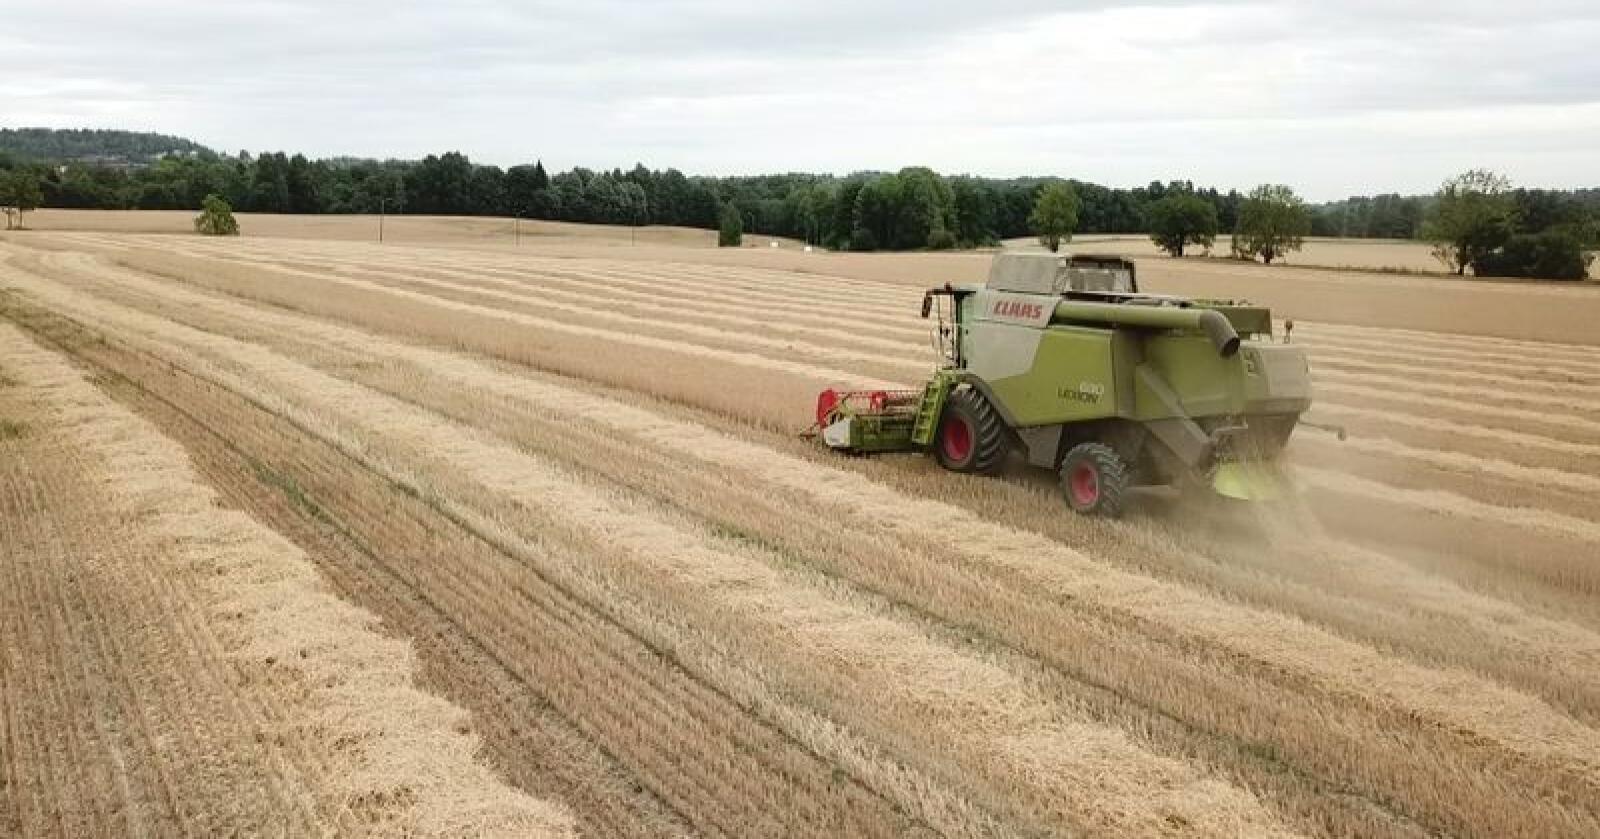 Arealet med høsthvete som ble i sådd i fjor har gitt gode avlinger. Det er prognosert et overskudd på 78 000 tonn av disse sortene, klasse 4 og 5. Bildet er fra Bryn gård i Bærum. (Foto: Erik Friis Røkholt)